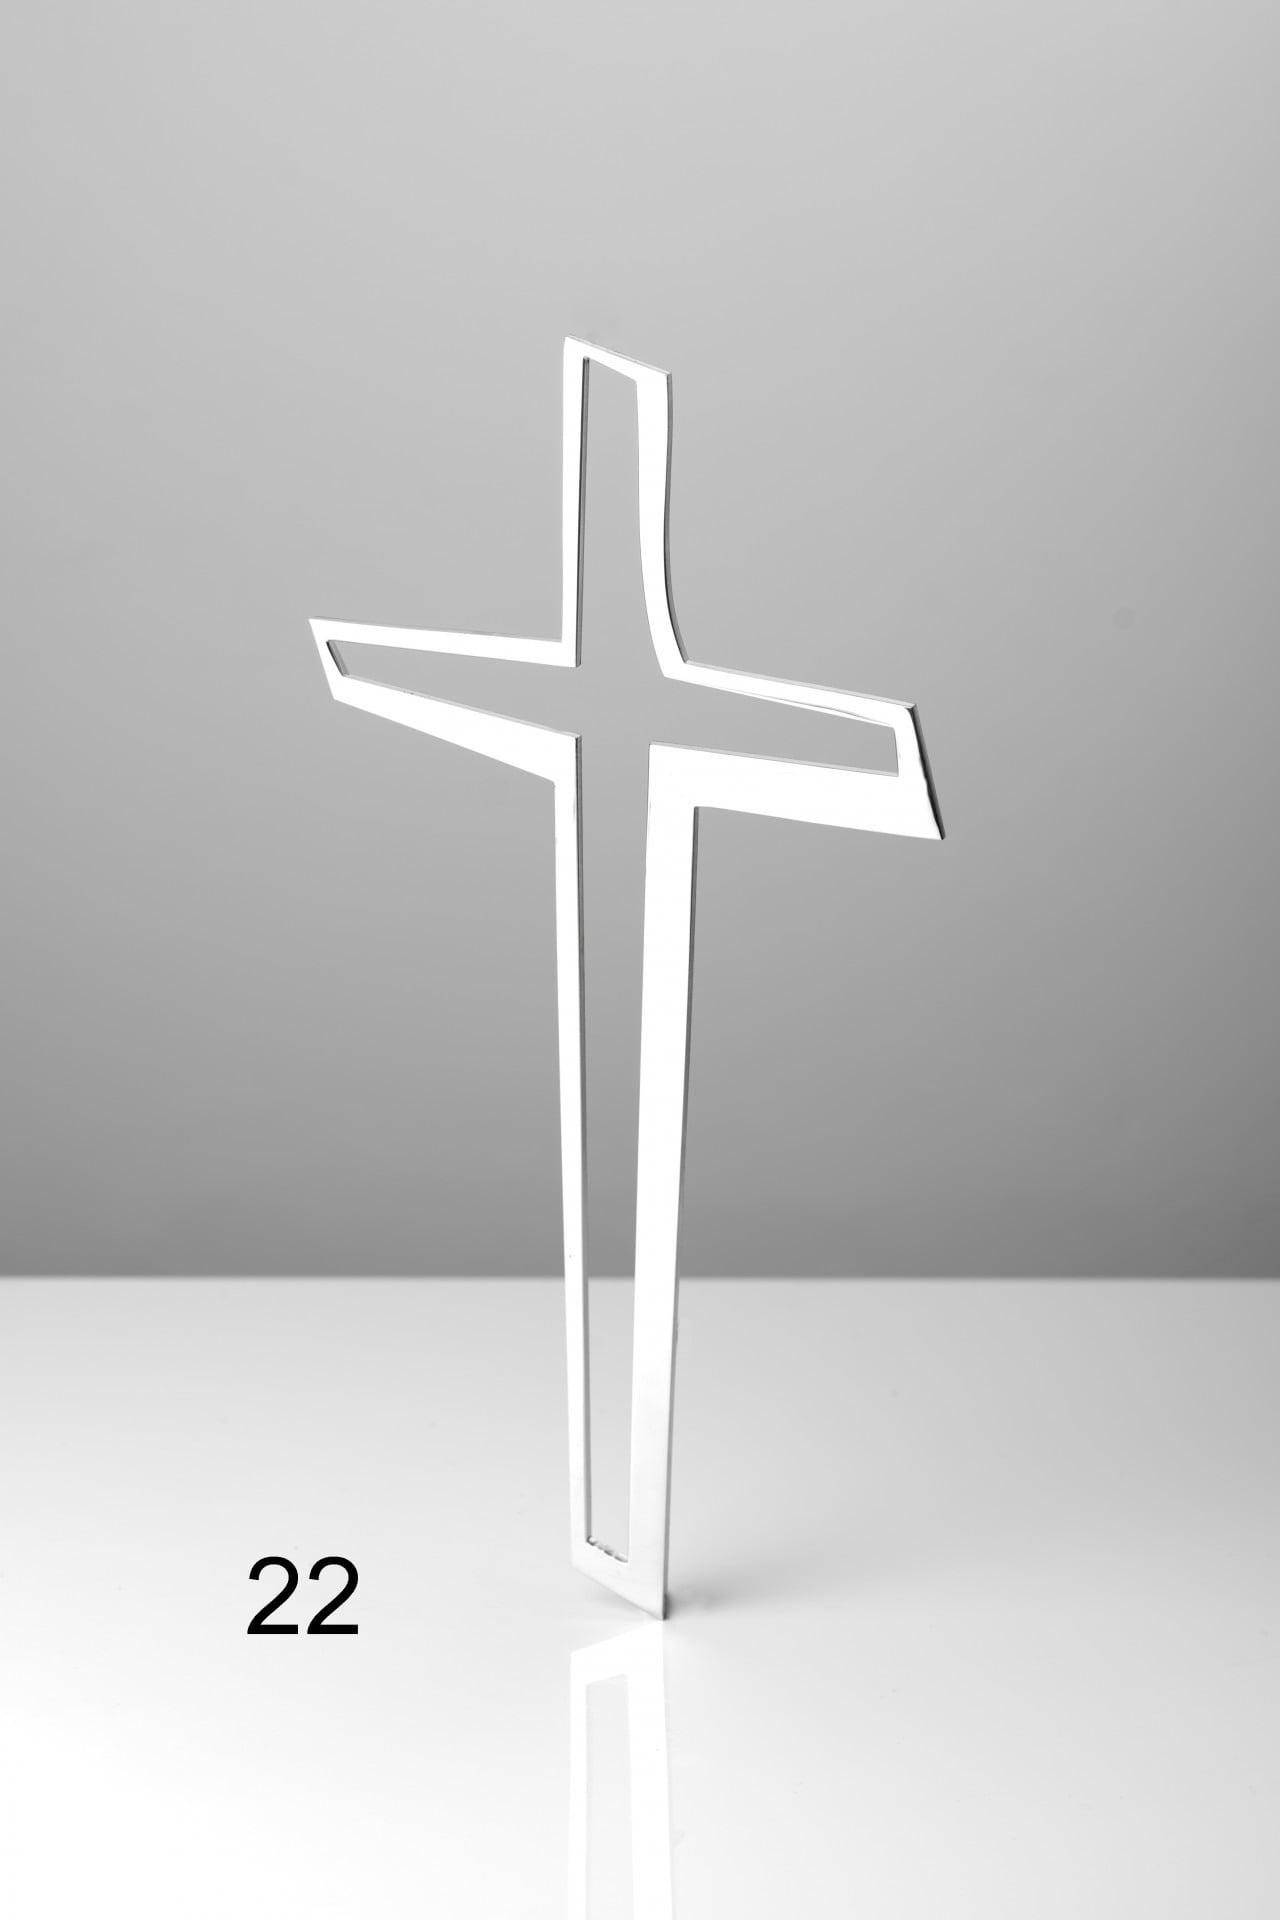 Srebrny pusty krzyż - Nagrobki Bielsko-Biała